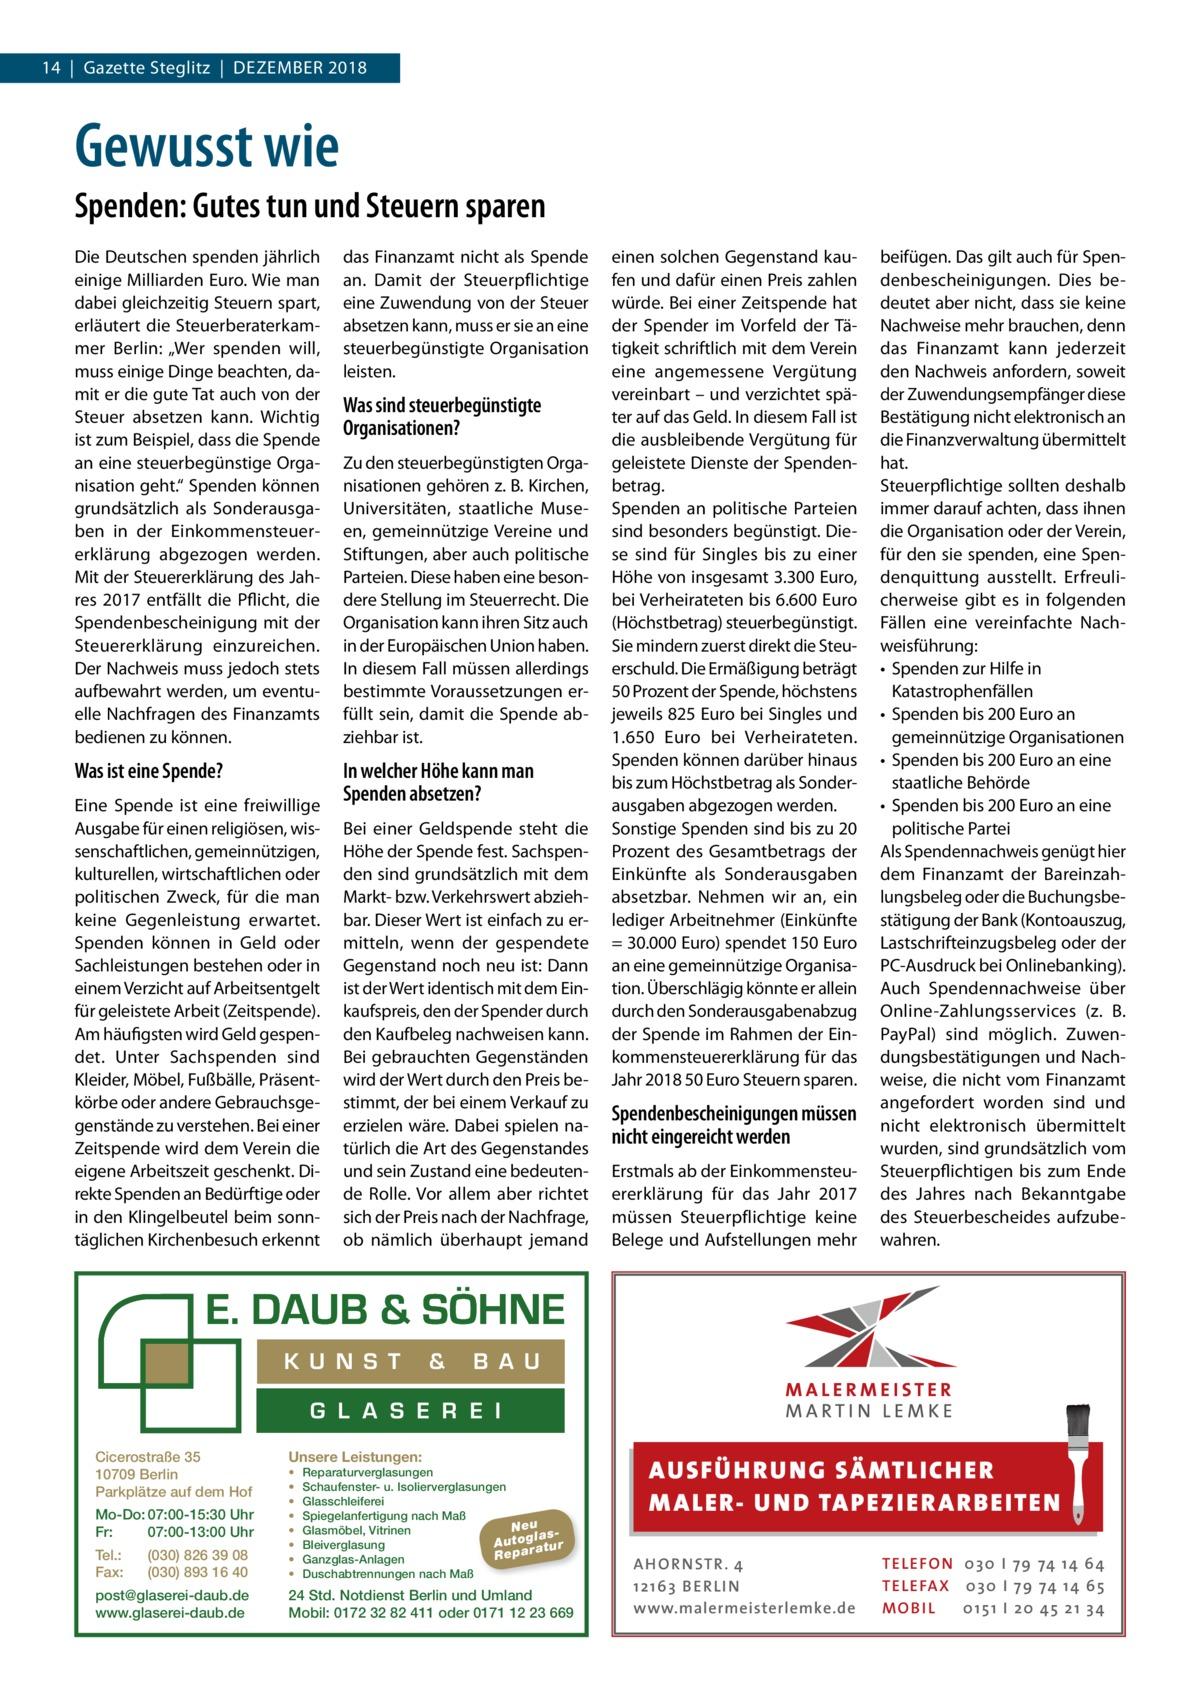 """14 Gazette Steglitz Dezember 2018  Gewusst wie Spenden: Gutes tun und Steuern sparen Die Deutschen spenden jährlich einige Milliarden Euro. Wie man dabei gleichzeitig Steuern spart, erläutert die Steuerberaterkammer Berlin: """"Wer spenden will, muss einige Dinge beachten, damit er die gute Tat auch von der Steuer absetzen kann. Wichtig ist zum Beispiel, dass die Spende an eine steuerbegünstige Organisation geht."""" Spenden können grundsätzlich als Sonderausgaben in der Einkommensteuererklärung abgezogen werden. Mit der Steuererklärung des Jahres 2017 entfällt die Pflicht, die Spendenbescheinigung mit der Steuererklärung einzureichen. Der Nachweis muss jedoch stets aufbewahrt werden, um eventuelle Nachfragen des Finanzamts bedienen zu können.  das Finanzamt nicht als Spende an. Damit der Steuerpflichtige eine Zuwendung von der Steuer absetzen kann, muss er sie an eine steuerbegünstigte Organisation leisten.  Was ist eine Spende?  In welcher Höhe kann man Spenden absetzen?  Eine Spende ist eine freiwillige Ausgabe für einen religiösen, wissenschaftlichen, gemeinnützigen, kulturellen, wirtschaftlichen oder politischen Zweck, für die man keine Gegenleistung erwartet. Spenden können in Geld oder Sachleistungen bestehen oder in einem Verzicht auf Arbeitsentgelt für geleistete Arbeit (Zeitspende). Am häufigsten wird Geld gespendet. Unter Sachspenden sind Kleider, Möbel, Fußbälle, Präsentkörbe oder andere Gebrauchsgegenstände zu verstehen. Bei einer Zeitspende wird dem Verein die eigene Arbeitszeit geschenkt. Direkte Spenden an Bedürftige oder in den Klingelbeutel beim sonntäglichen Kirchenbesuch erkennt  Was sind steuerbegünstigte Organisationen? Zu den steuerbegünstigten Organisationen gehören z. B. Kirchen, Universitäten, staatliche Museen, gemeinnützige Vereine und Stiftungen, aber auch politische Parteien. Diese haben eine besondere Stellung im Steuerrecht. Die Organisation kann ihren Sitz auch in der Europäischen Union haben. In diesem Fall müssen allerdings bestimmte Vor"""